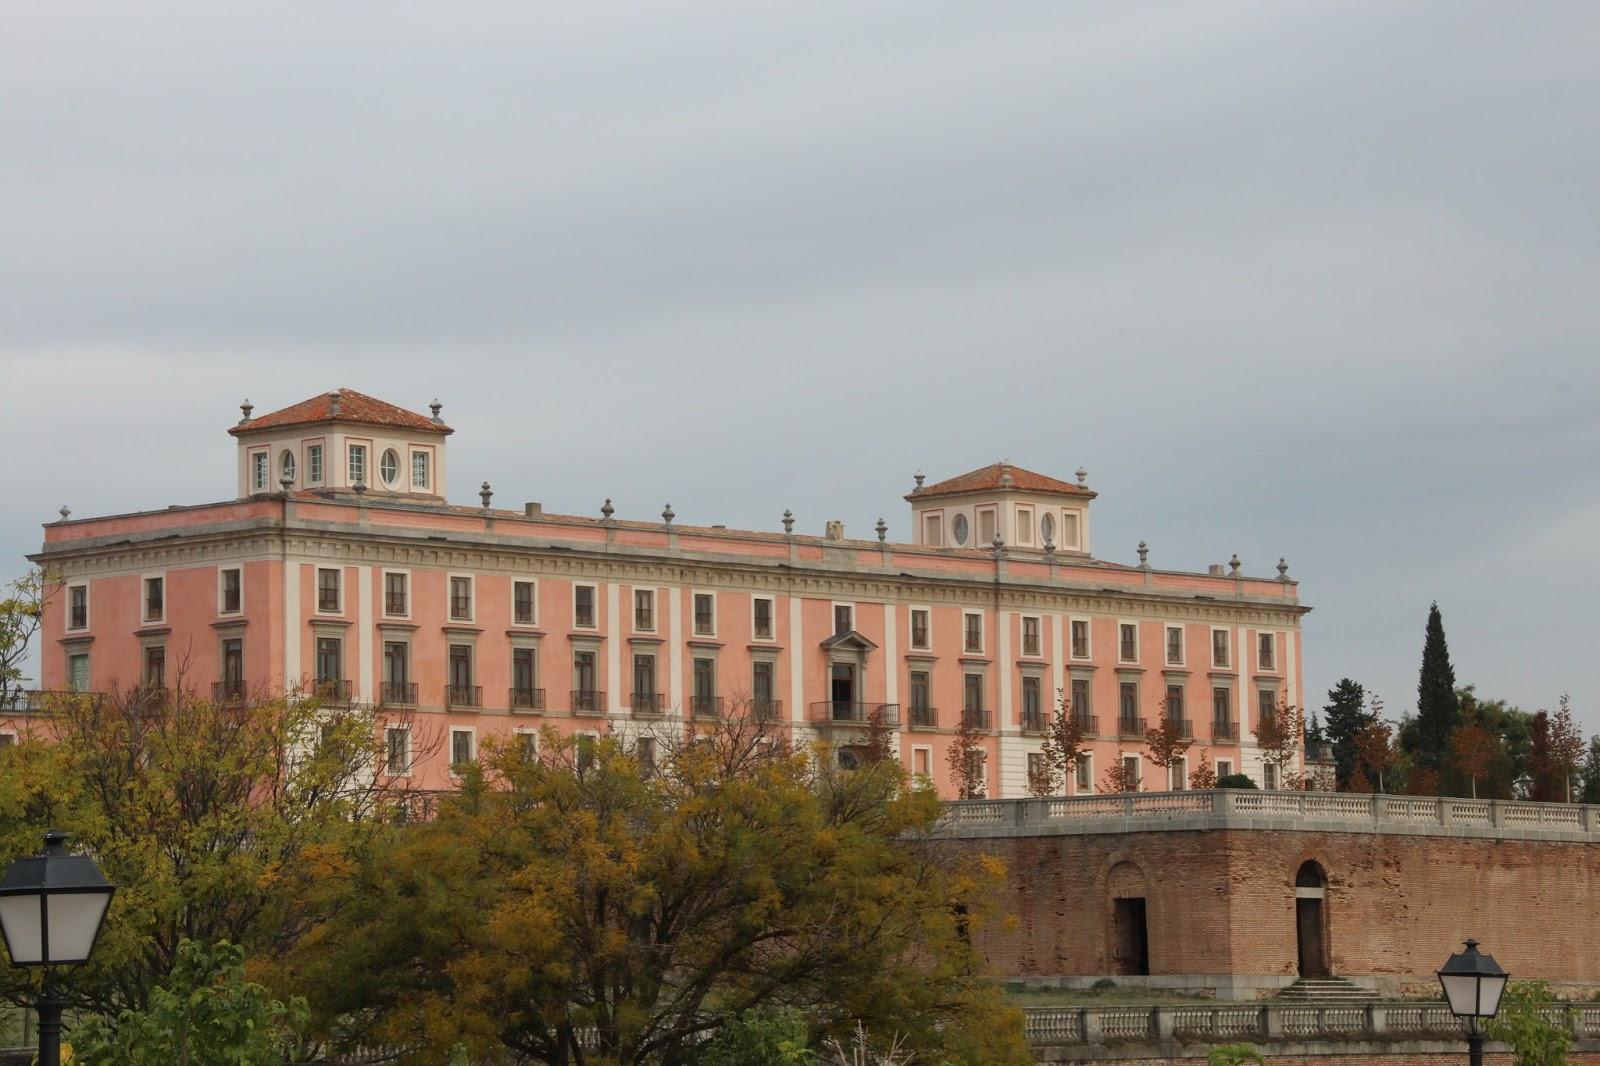 Historia y genealog a boadilla del monte palacio del - Residencia boadilla del monte ...